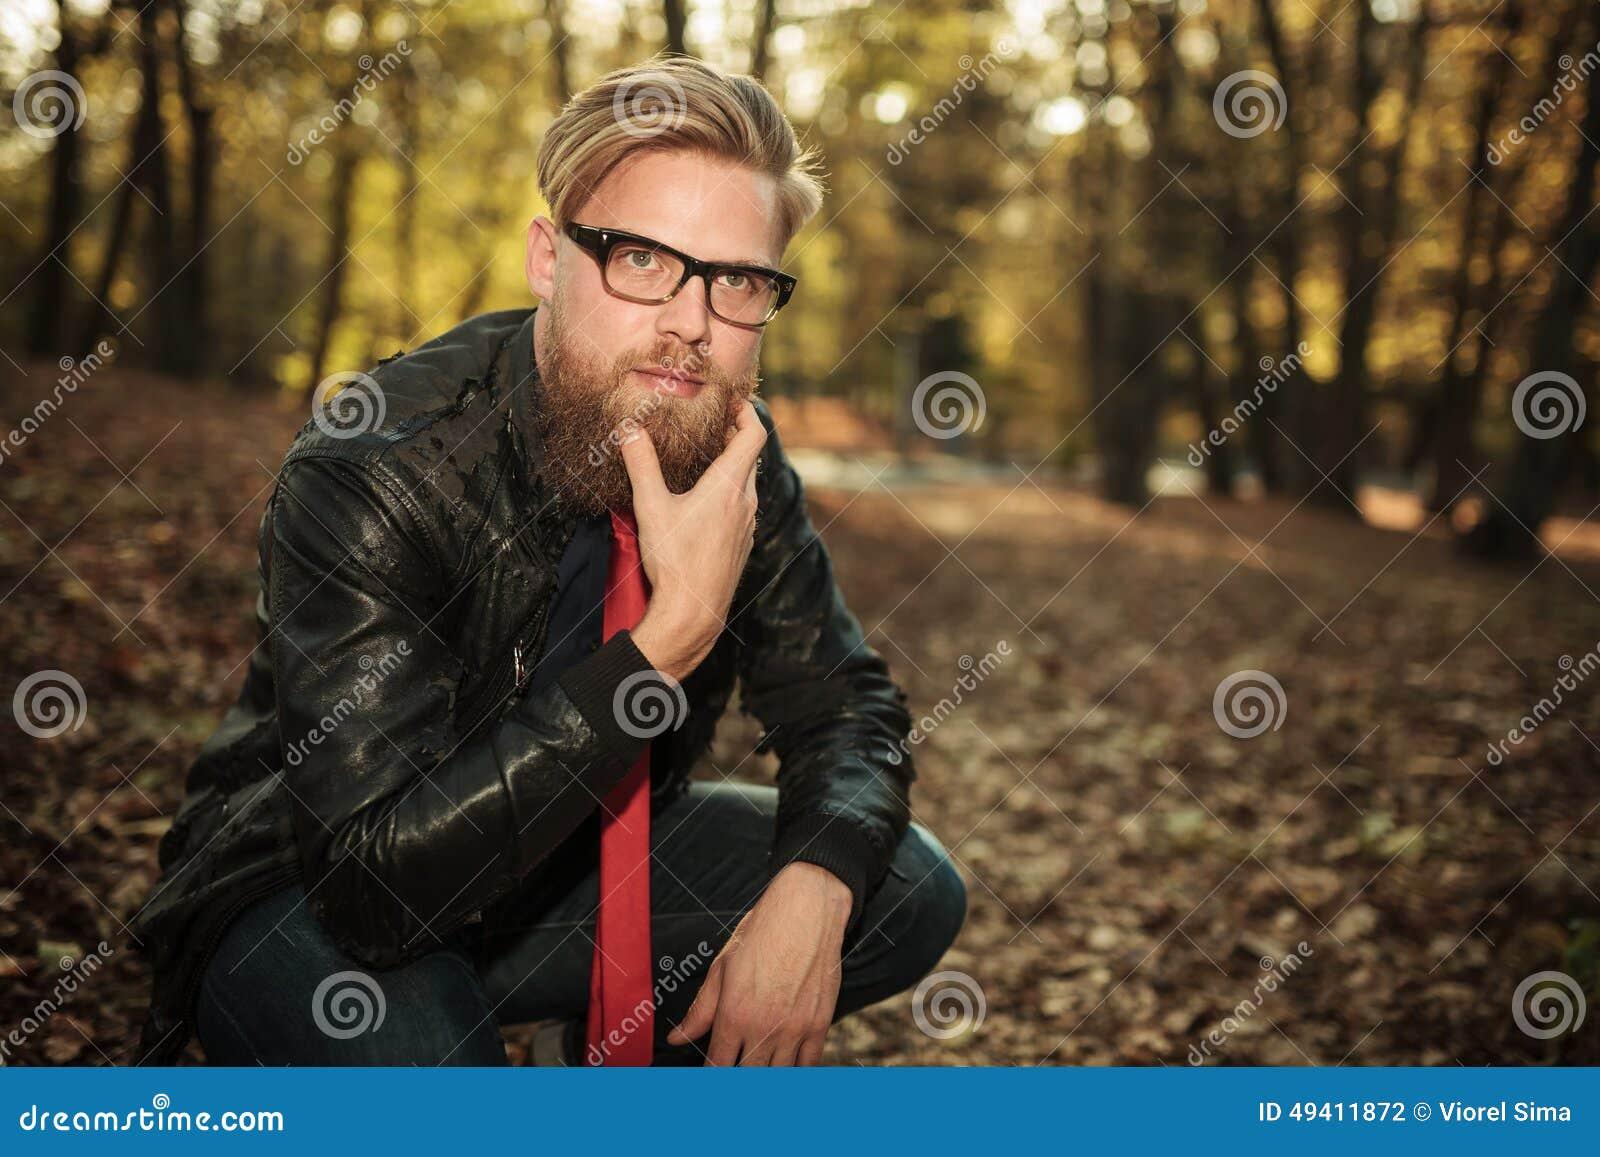 Download Zufälliger Mann, Der Seine Hand Zu Seinem Kinn, Denkend Hält Stockfoto - Bild von menschlich, stattlich: 49411872